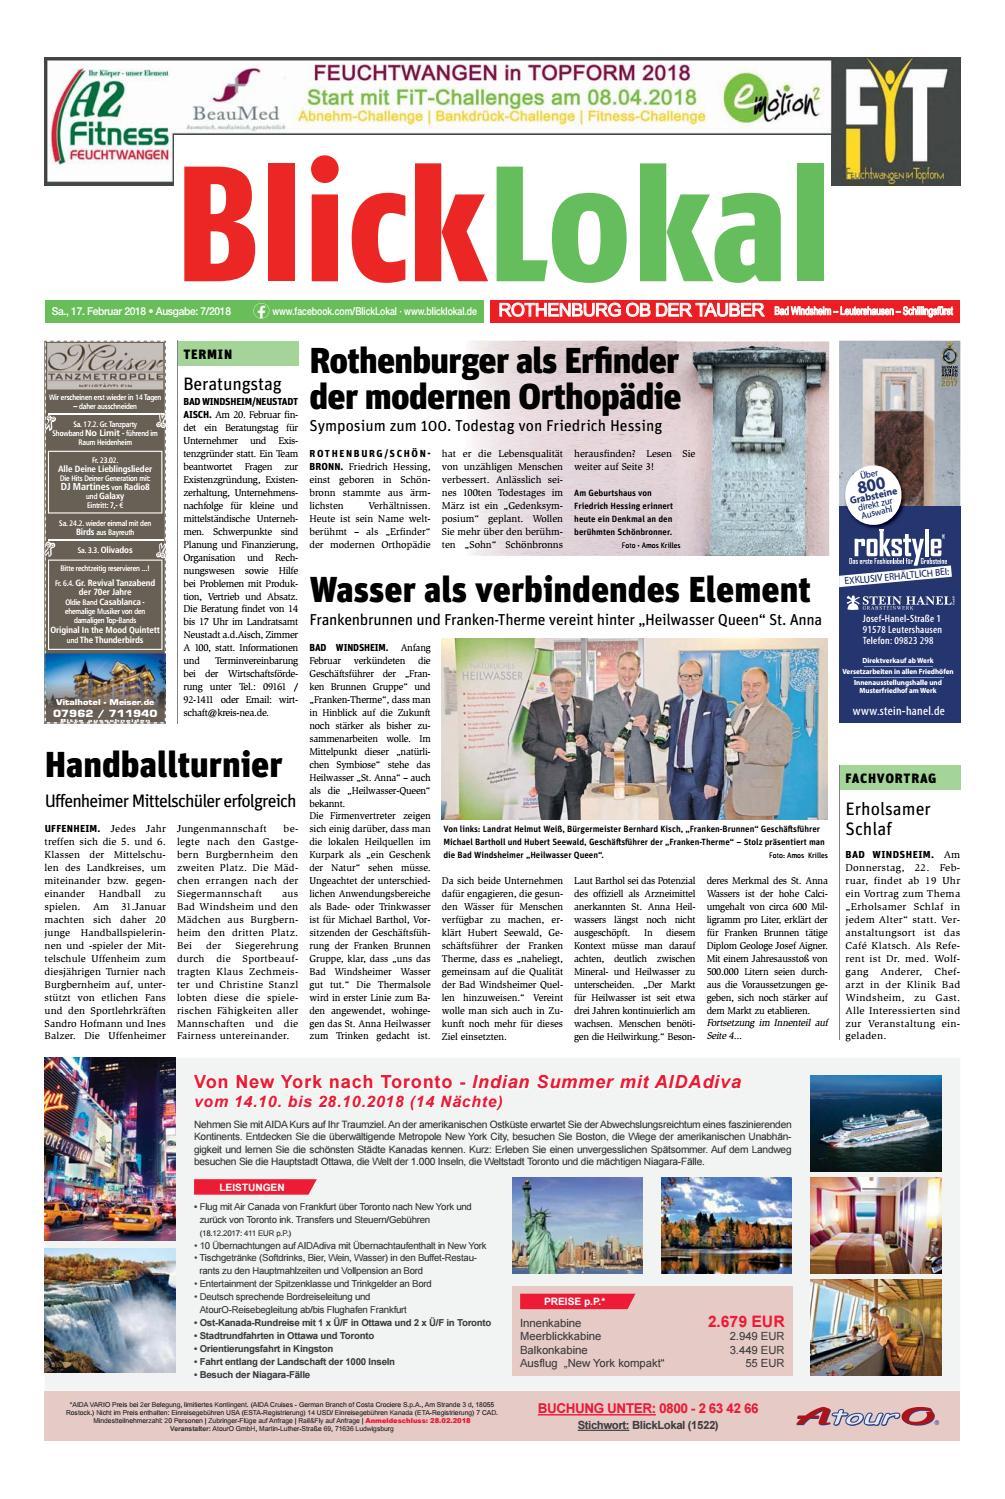 Blicklokal Rothenburg Kw 07 2018 By Blicklokal Wochenzeitung - Issuu